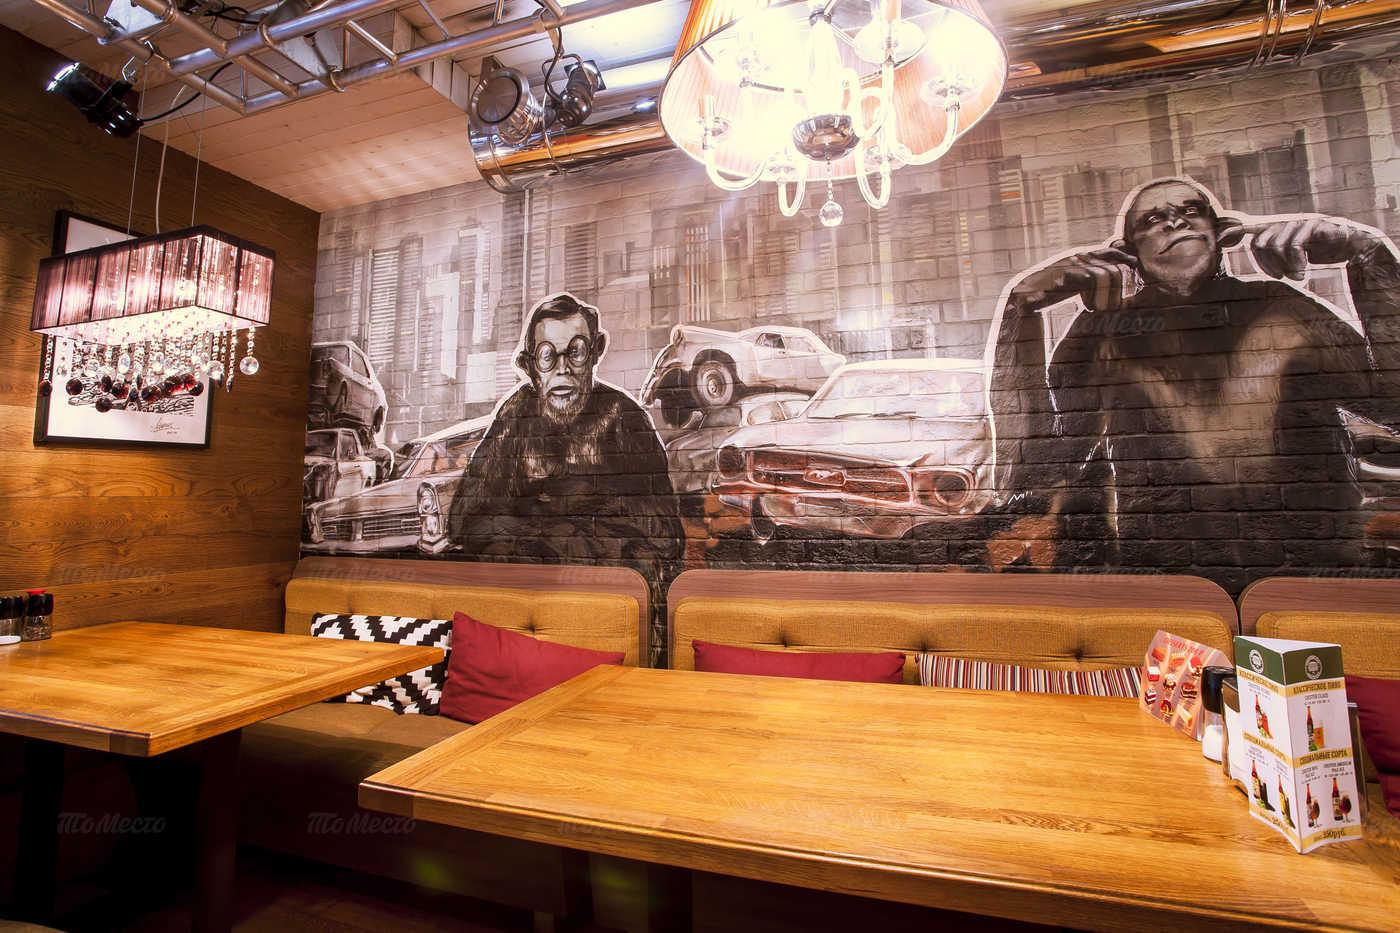 Банкеты ресторана Нью-Йорк пицца и гриль на Серебрянической набережной фото 4